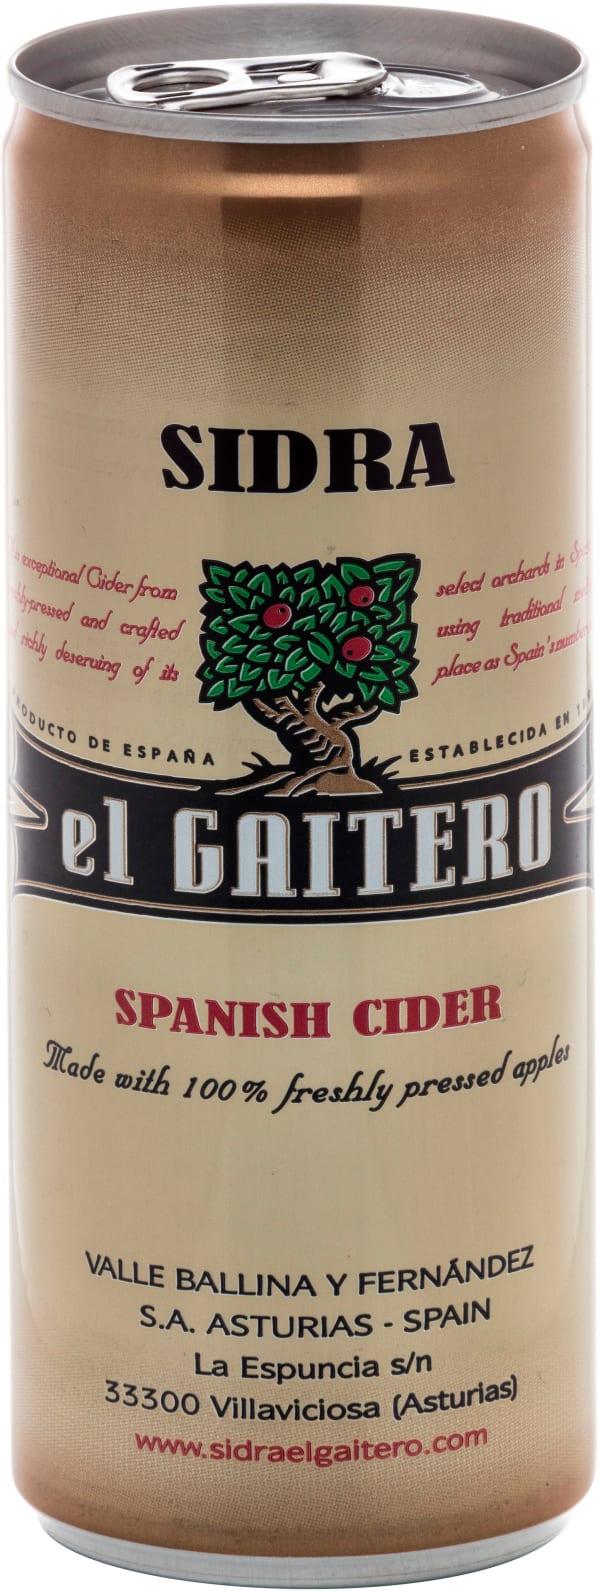 El Gaitero Spanish Cider burk